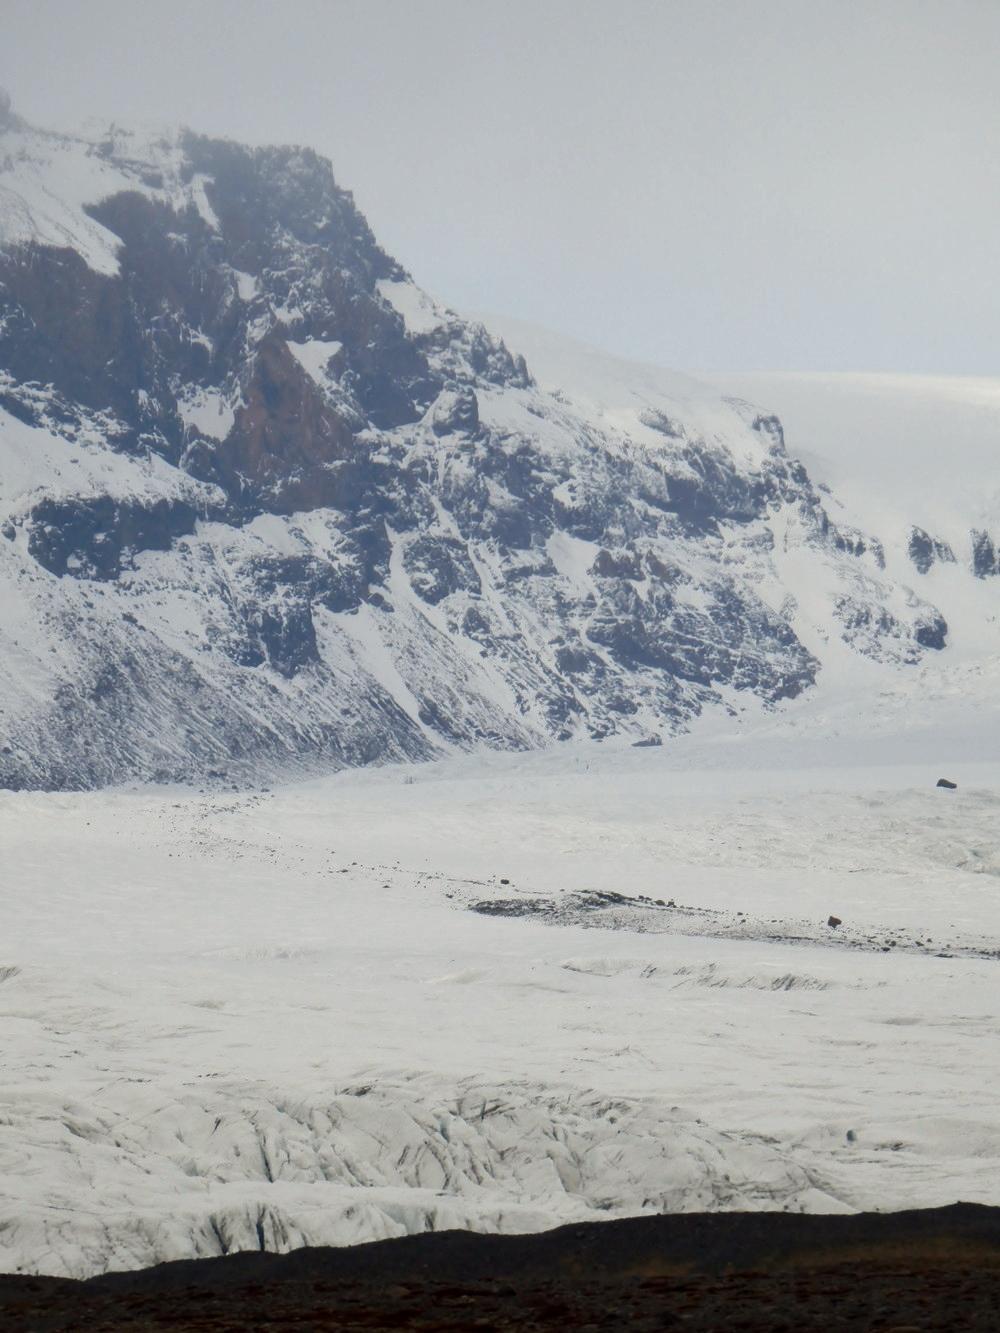 北欧旅行アイスランド・スカフタフェットル国立公園2_21